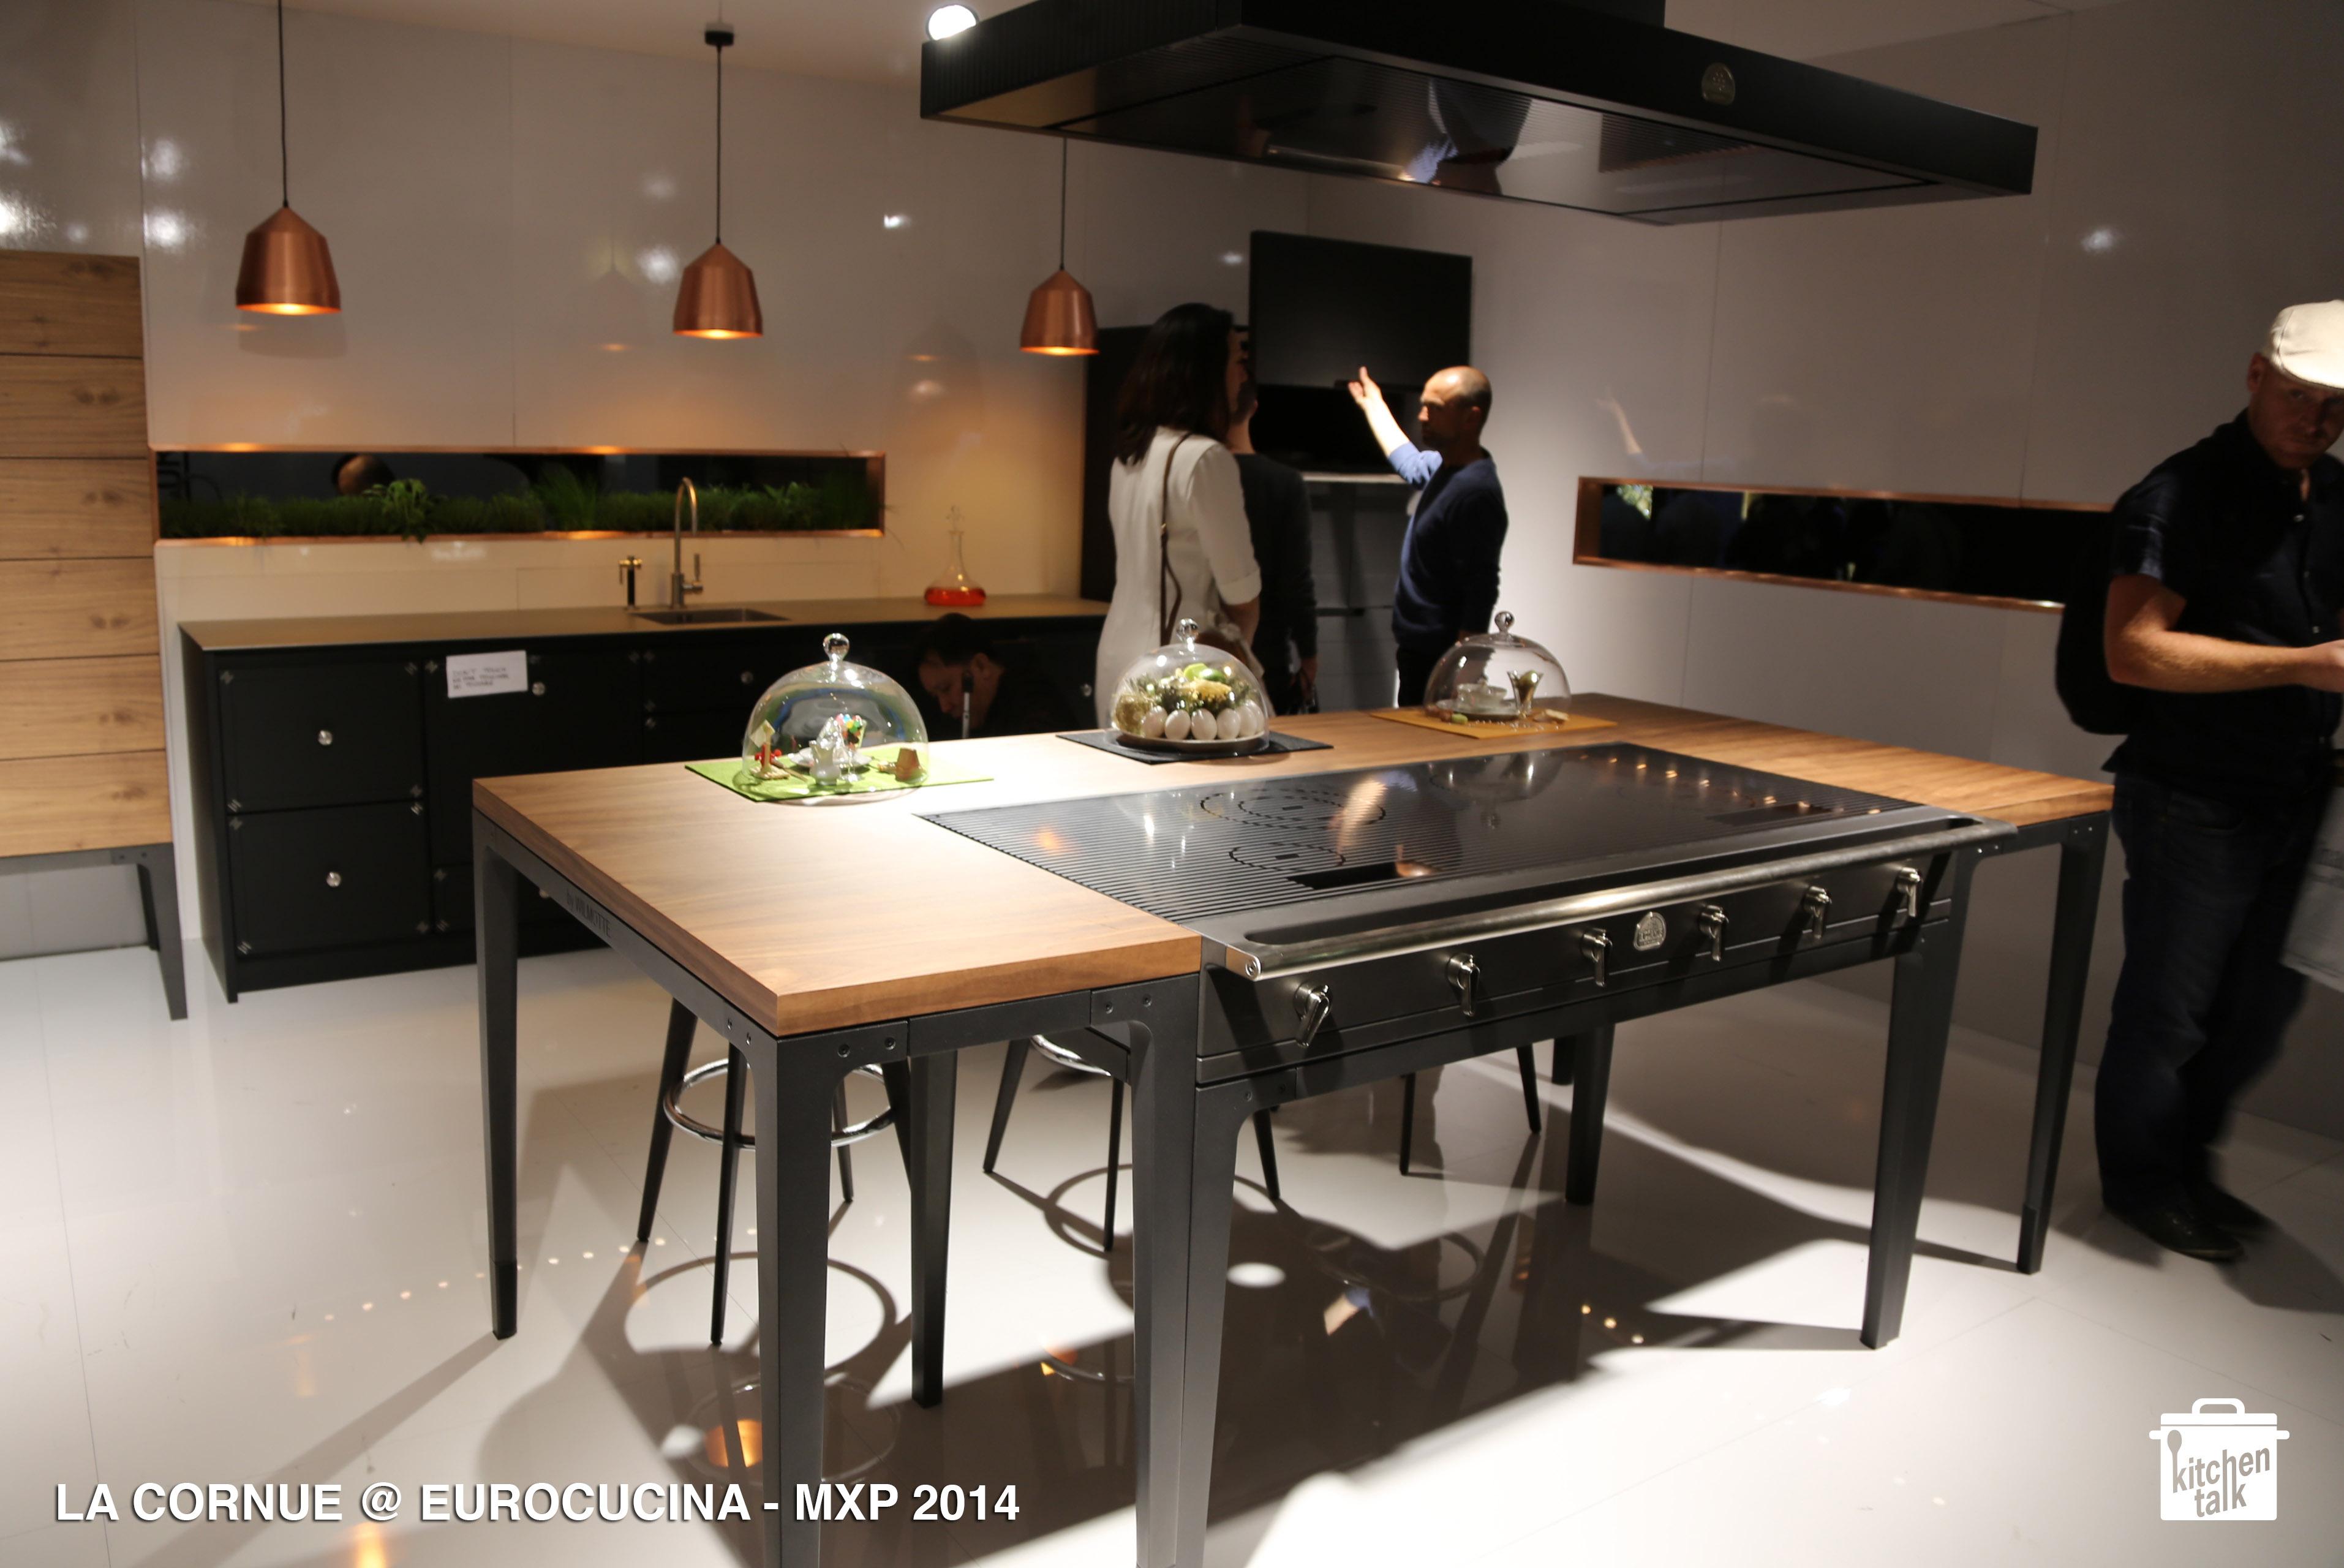 La cornue eurocucina 2014 milano 2014 kitchen talk blog for Piano de cuisine la cornue